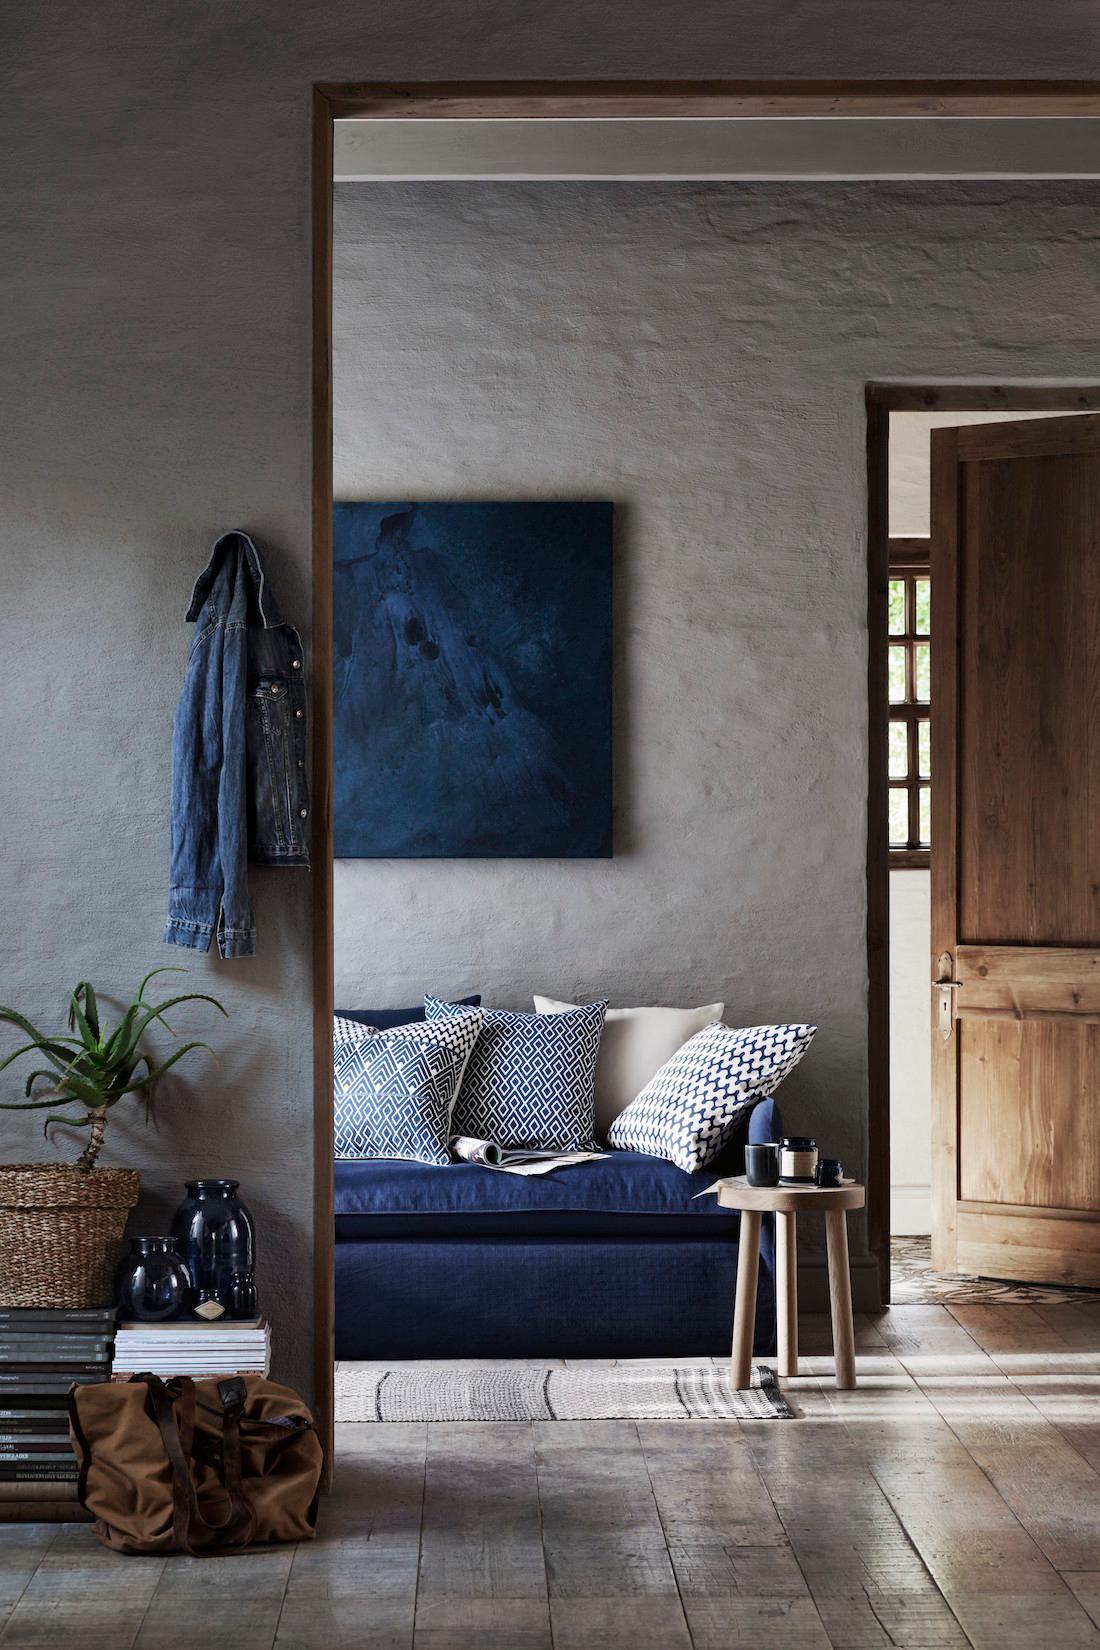 Blaue Wohnaccessoires Aus Der HM Home Spring Kollektion Wohnzimmer Sofakissen Blauessofa CHM